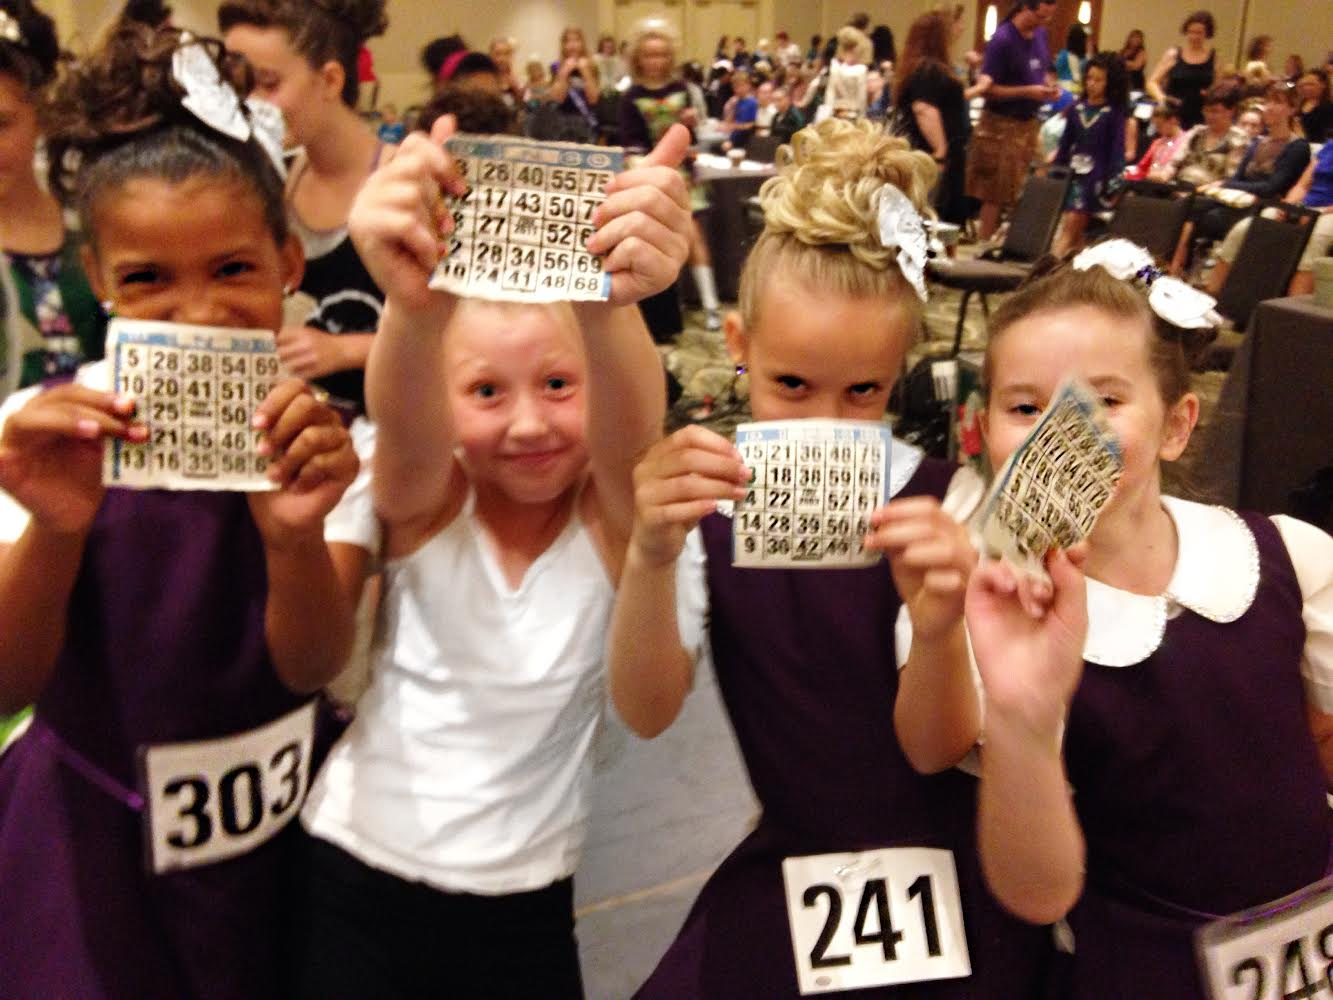 Bingo winners!